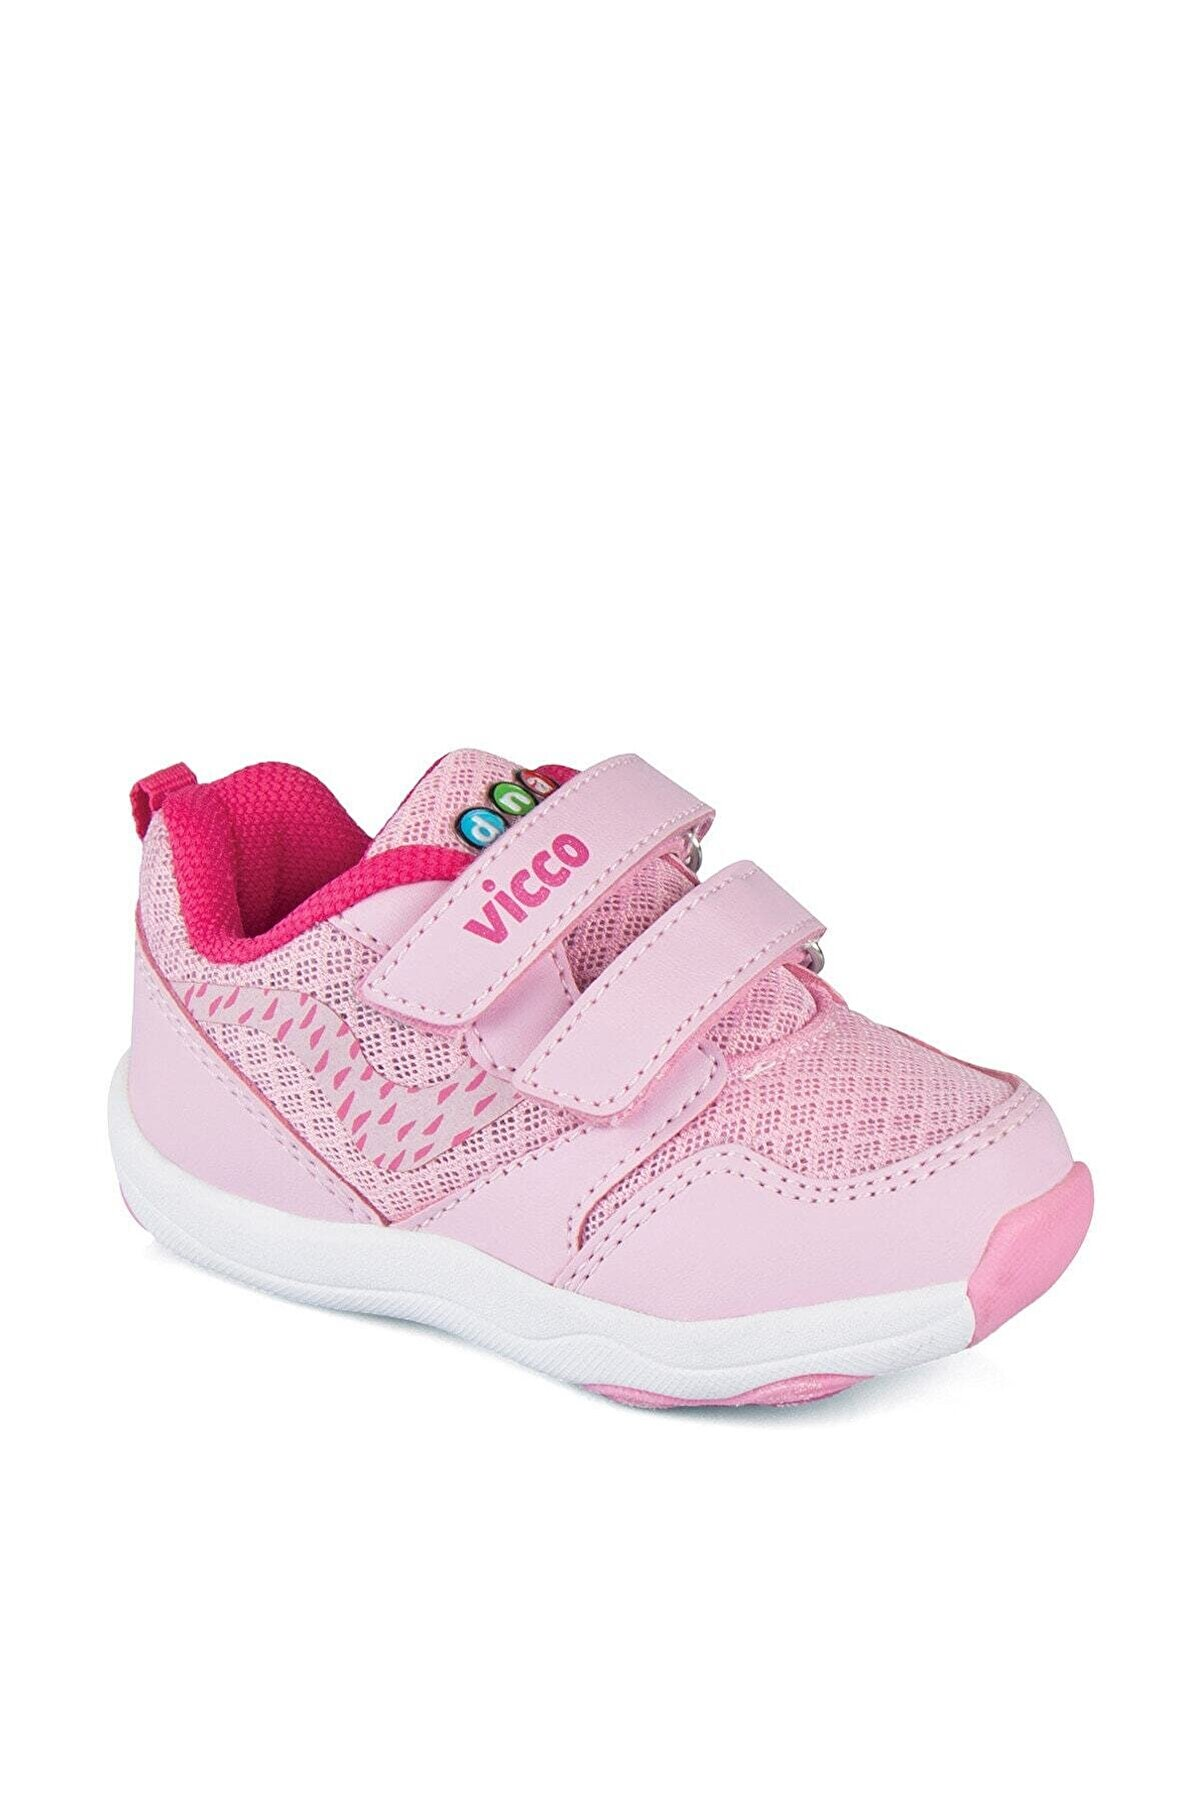 Vicco Pembe Çocuk Spor Ayakkabı